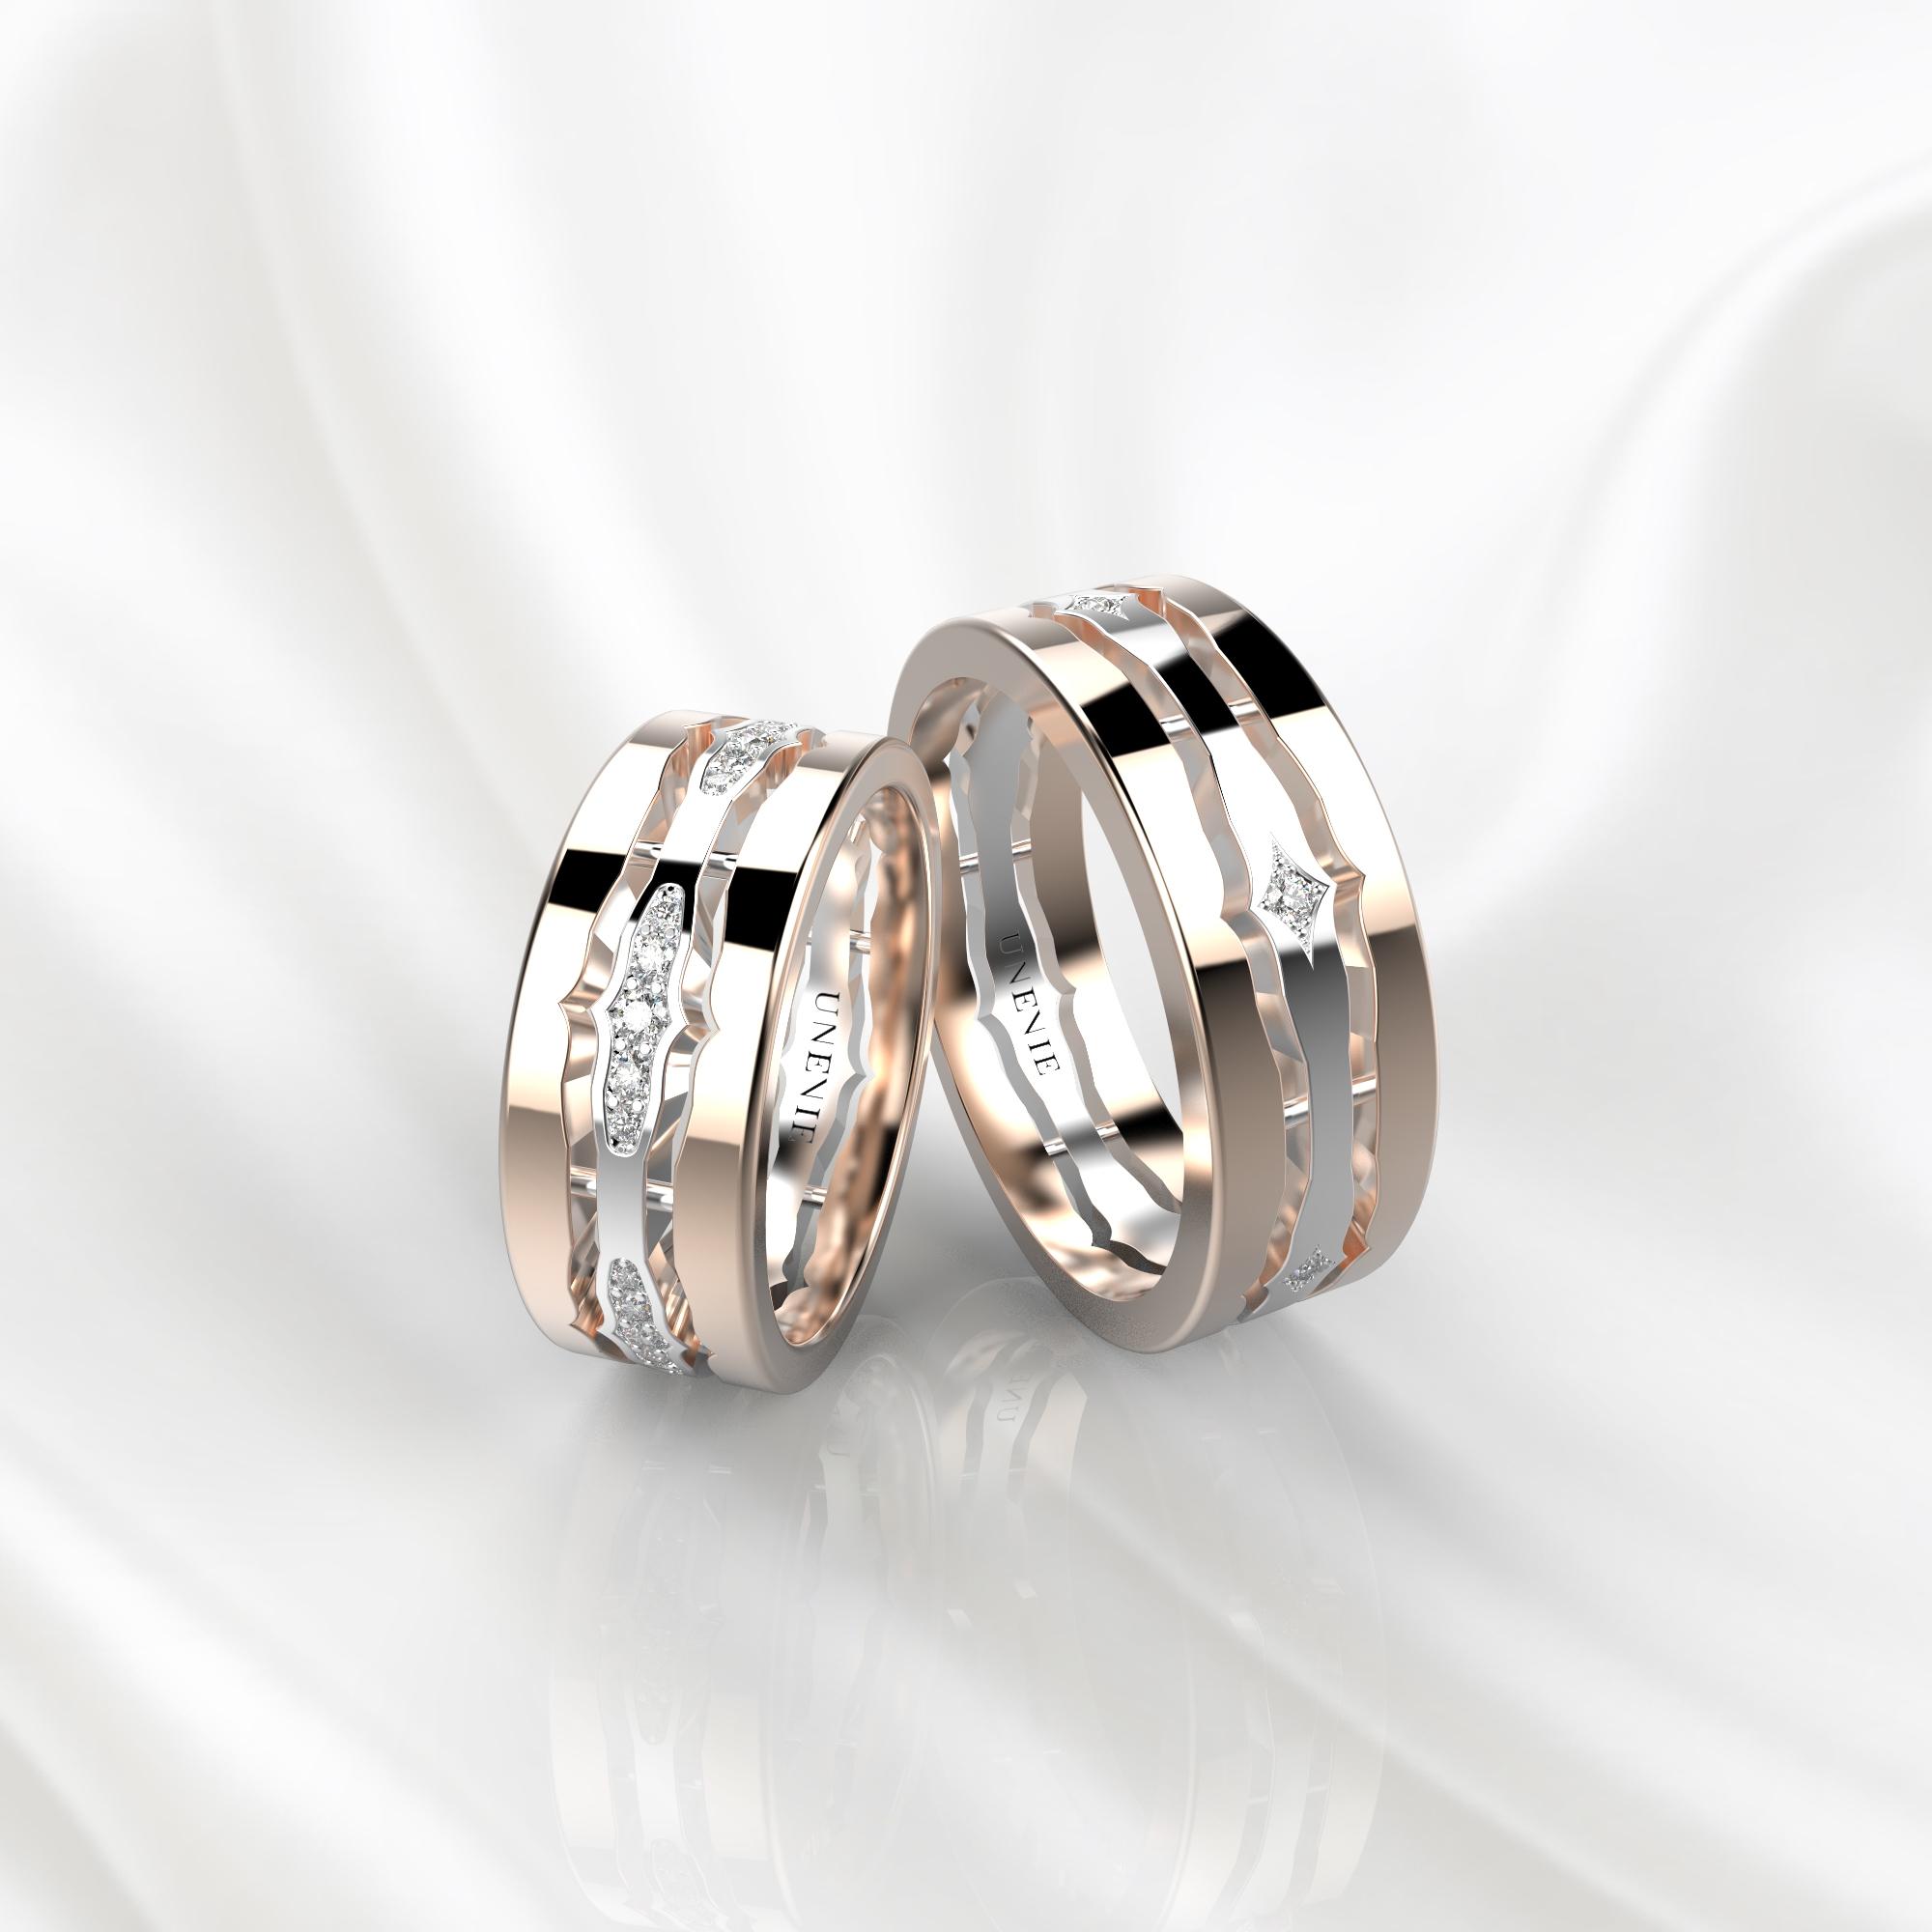 NV48 Парные обручальные кольца из розово-белого золота с бриллиантами